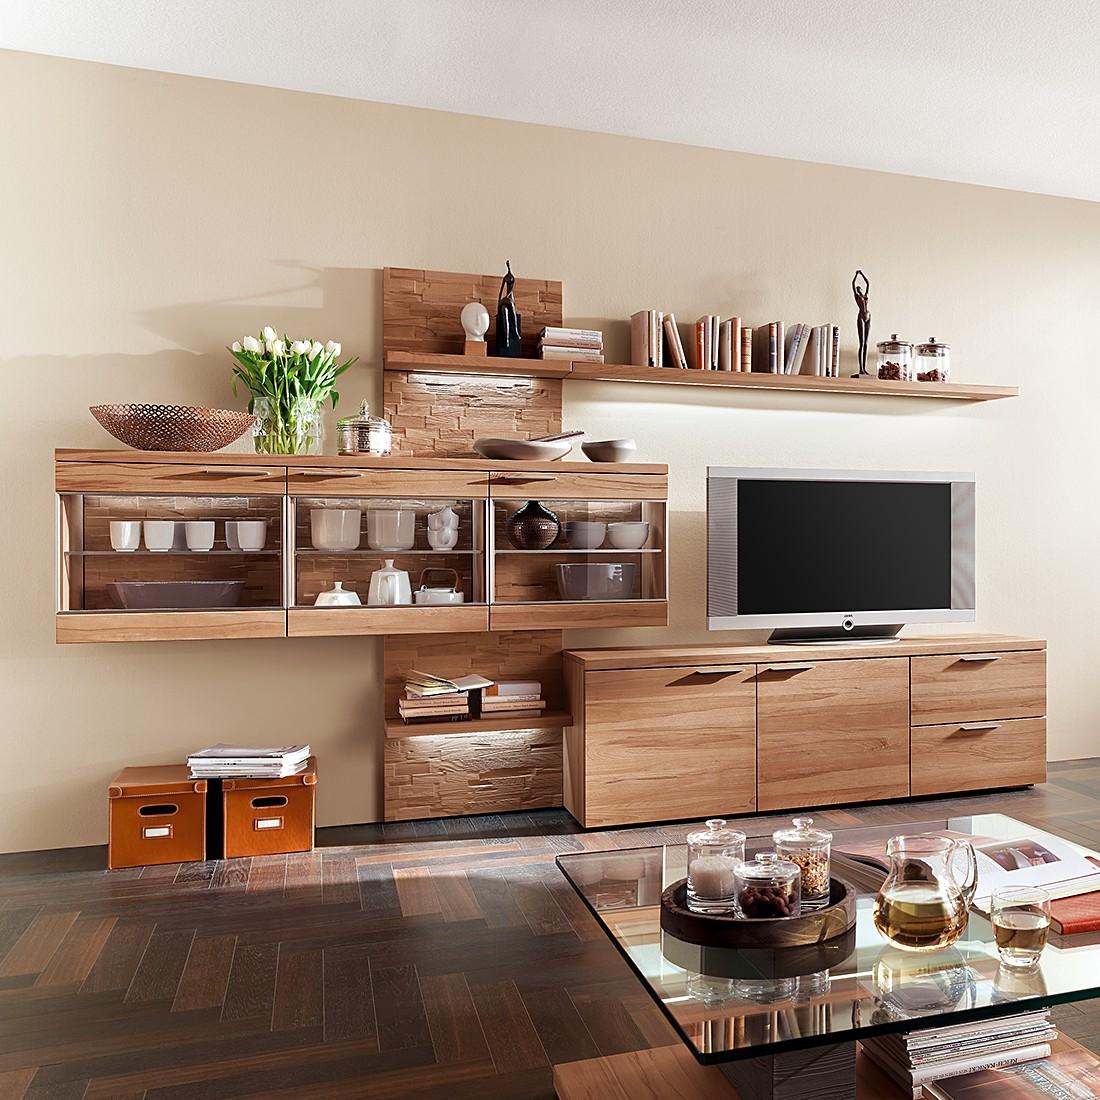 wohnwand pur ii 5 teilig kernbuche massiv mit vorziehbarem oberboden beleuchtung. Black Bedroom Furniture Sets. Home Design Ideas